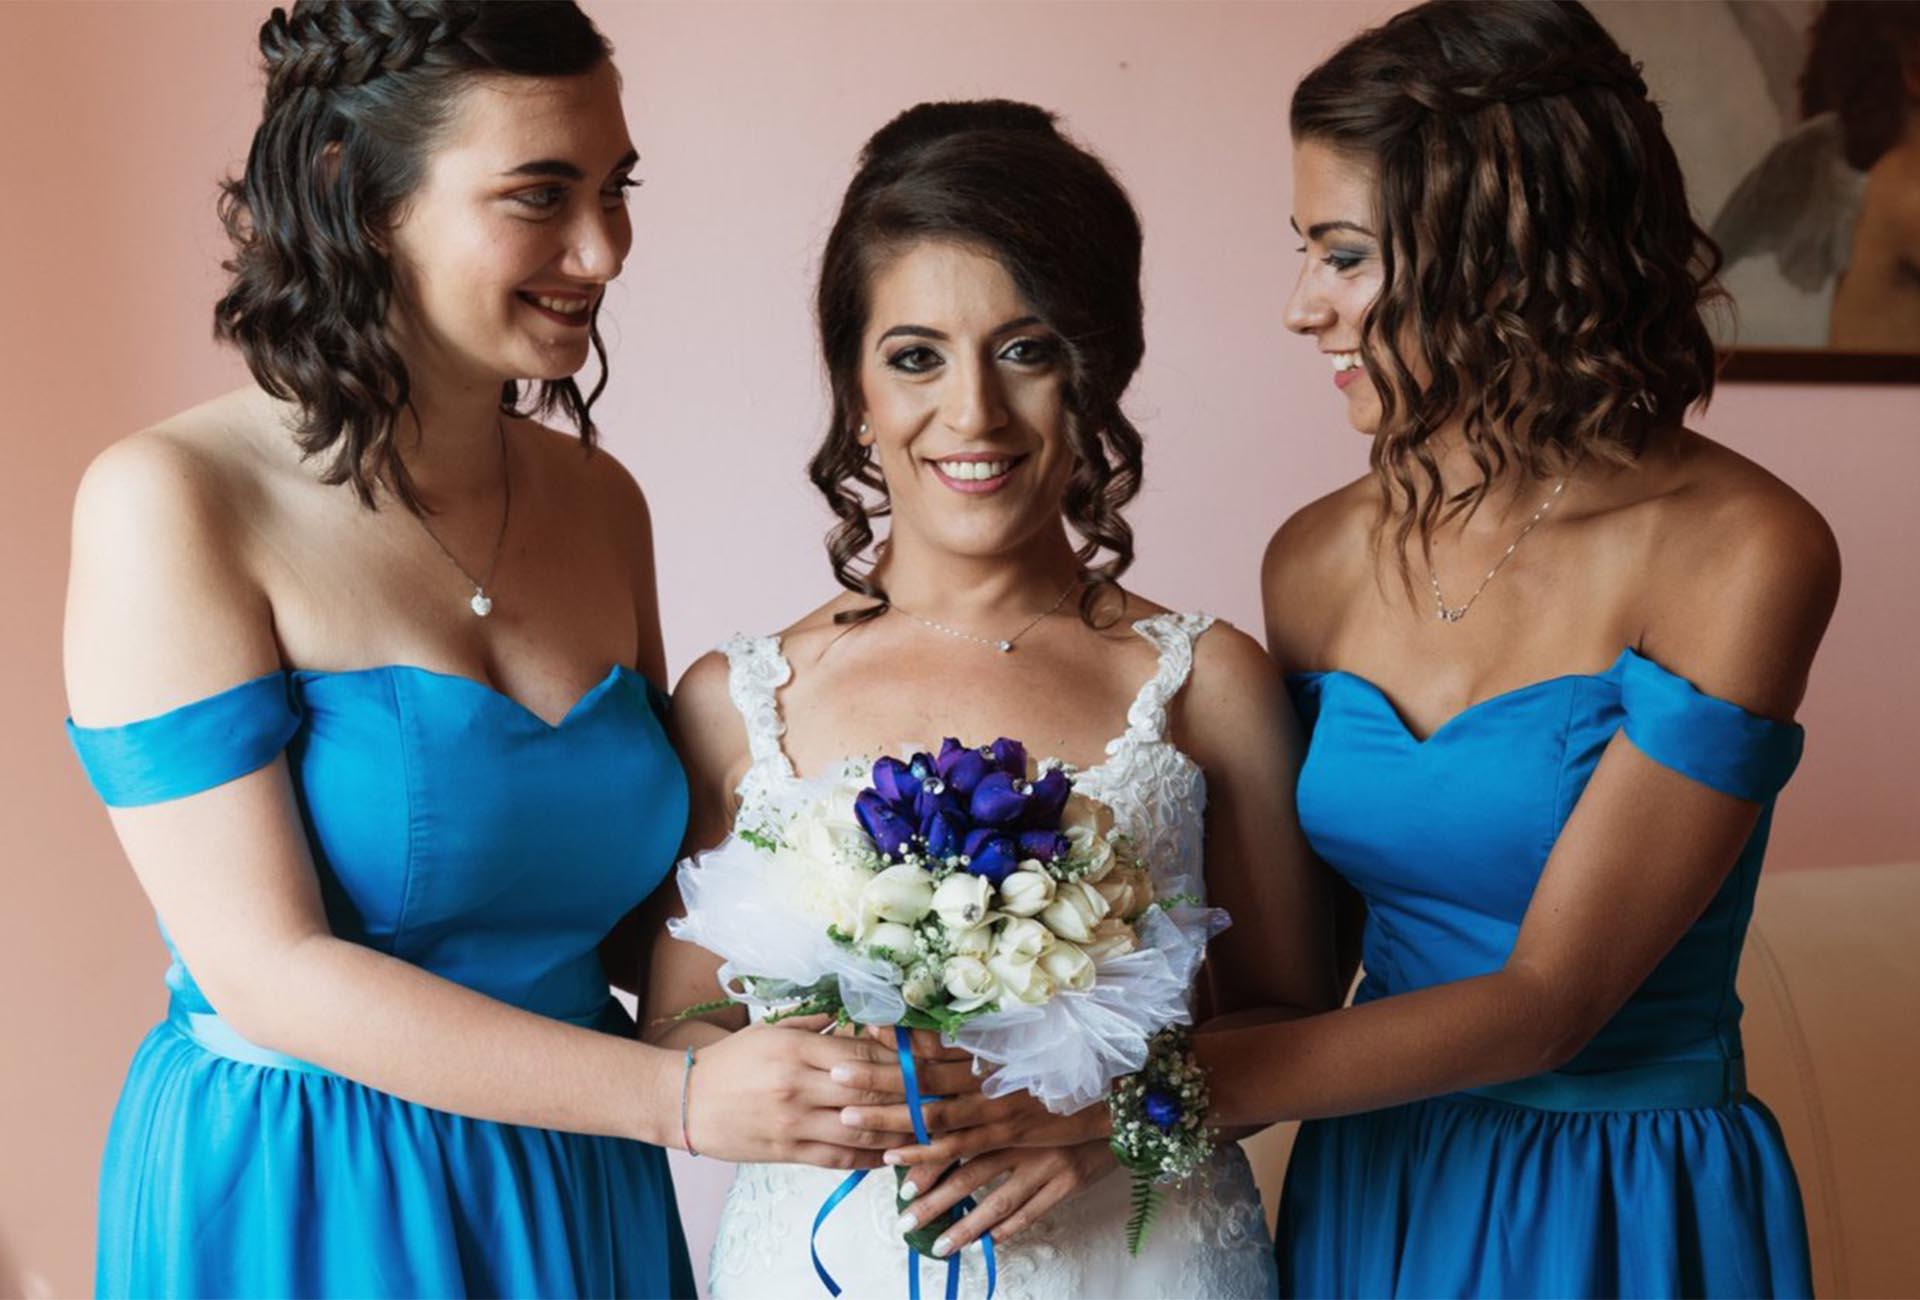 Damigelle di nozze 2 Damigelle di nozze: chi sono e quale ruolo hanno nel matrimonio